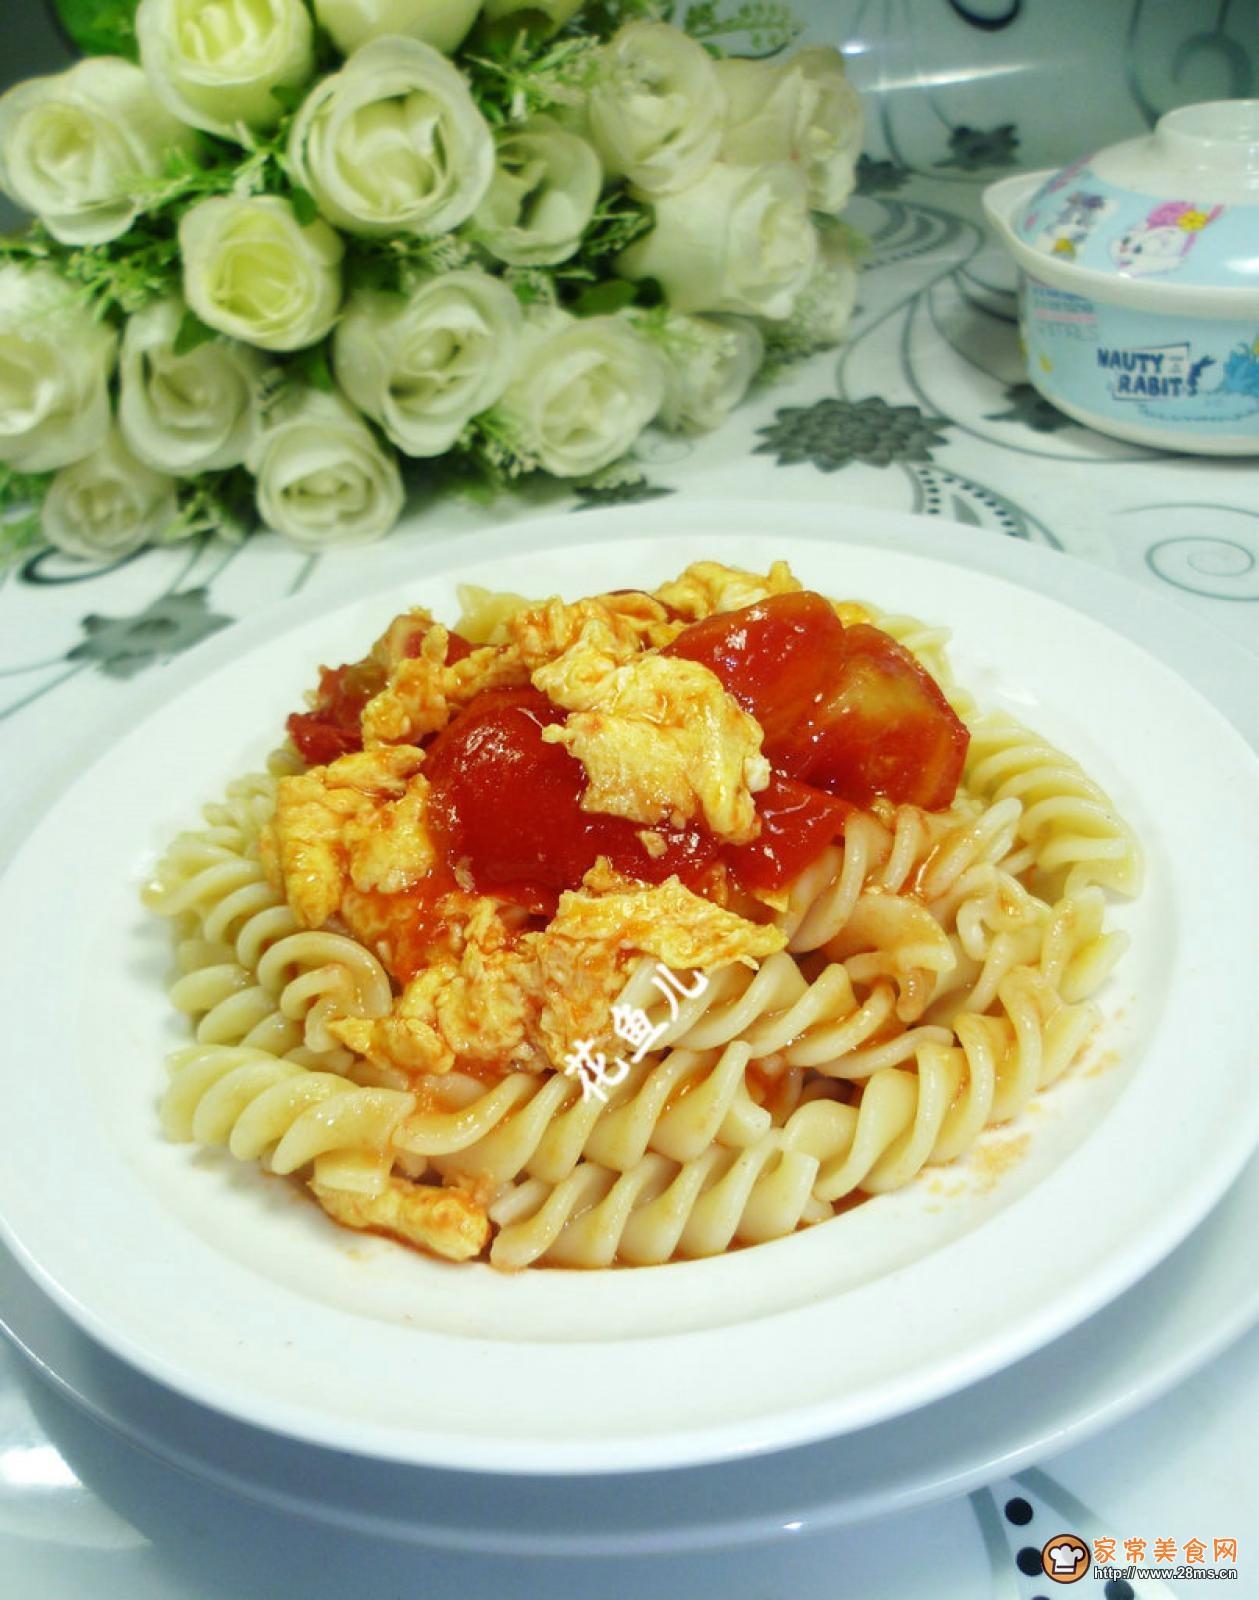 螺丝 番茄 炒鸡蛋 面的/怎么做番茄炒鸡蛋盖浇螺丝面好吃?